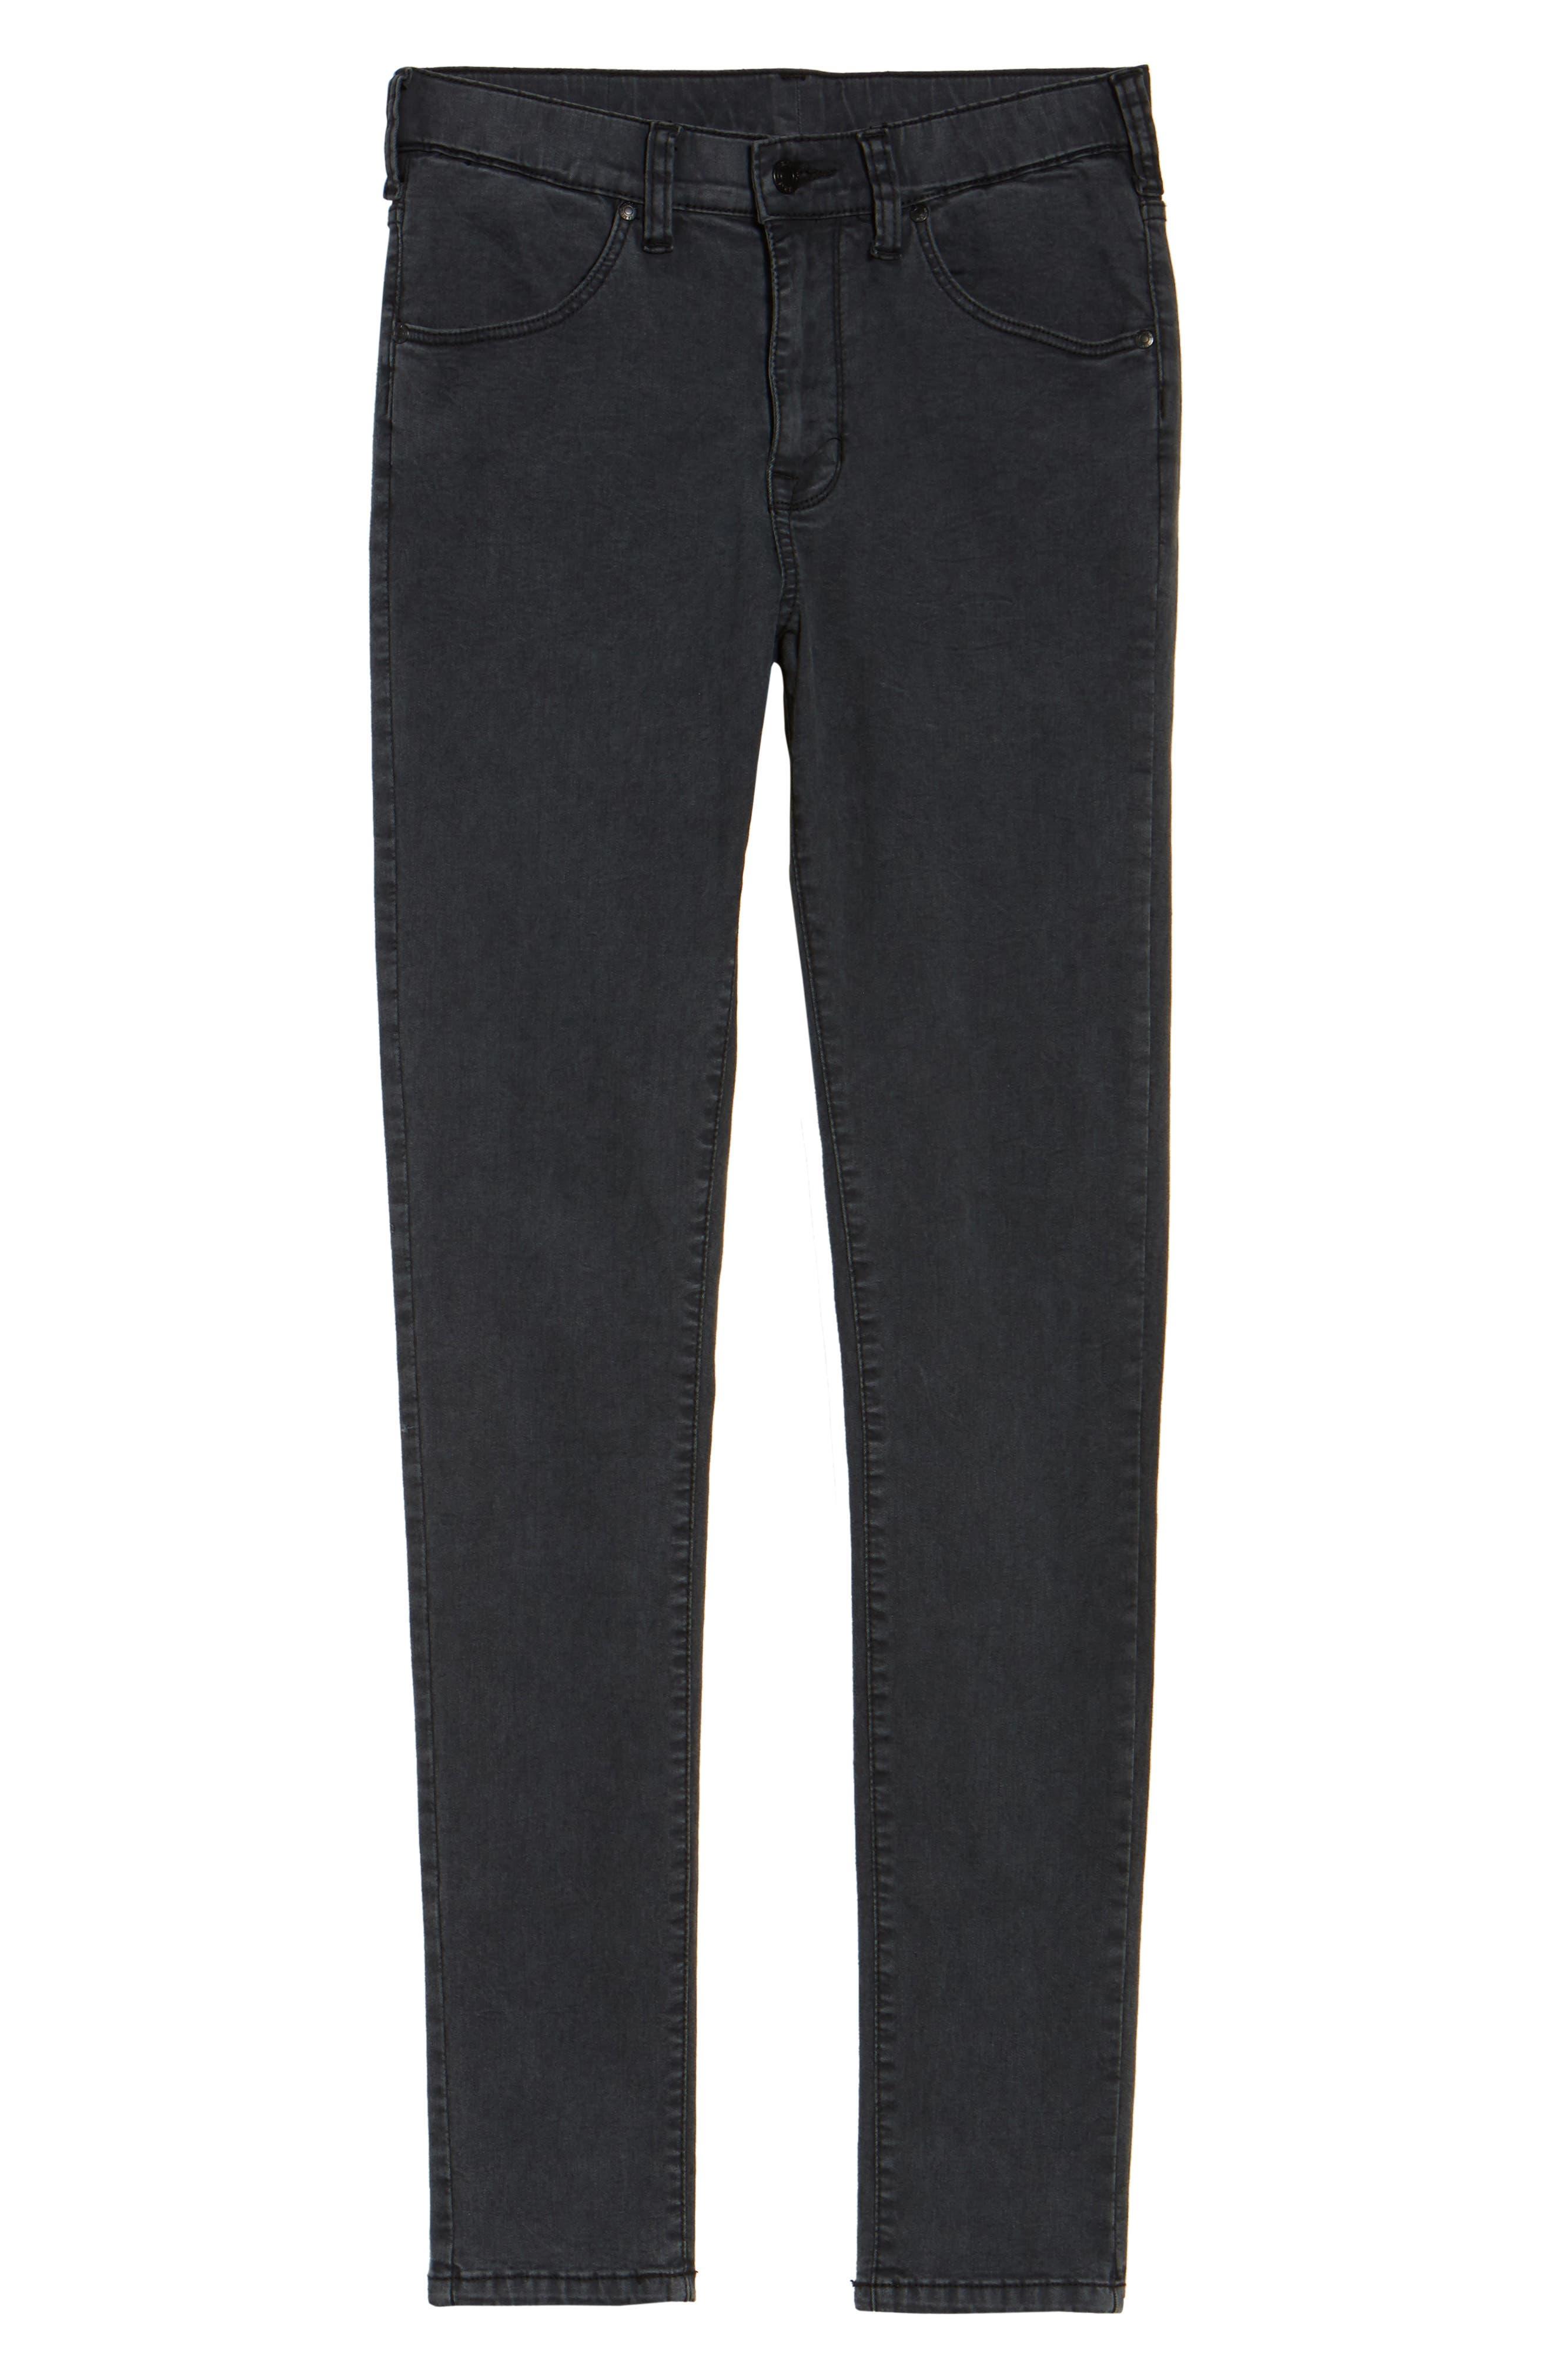 Leroy Slim Fit Jeans,                             Alternate thumbnail 6, color,                             020